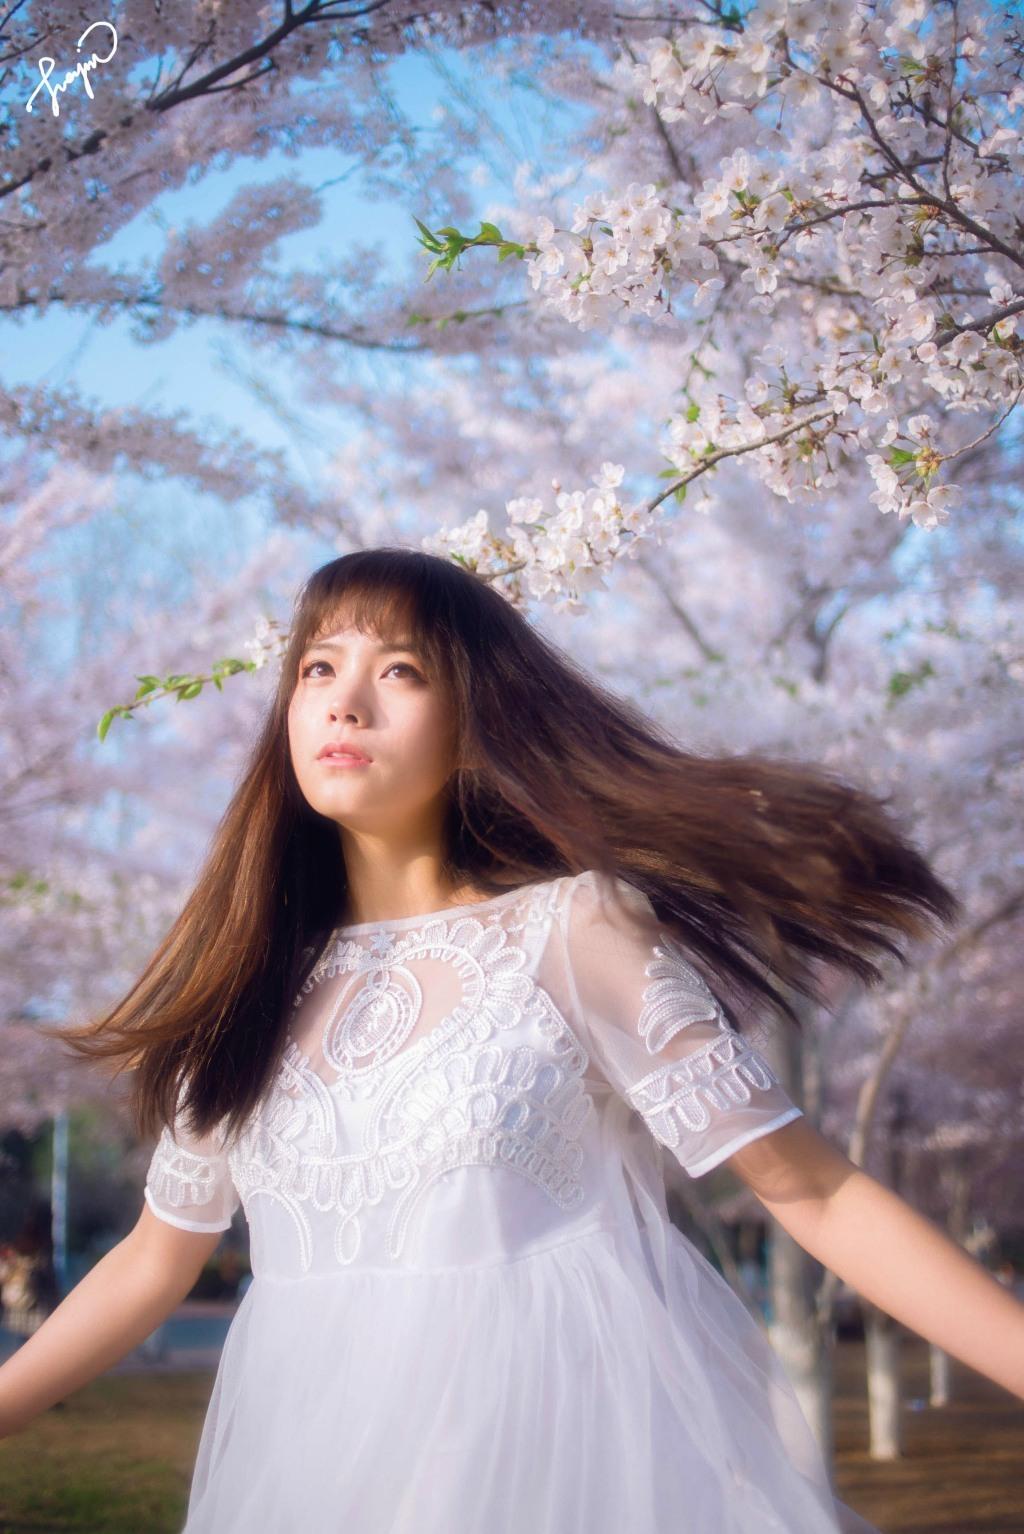 BLK-421盛夏短发少女清爽薄荷绿唯美靓丽美女写真